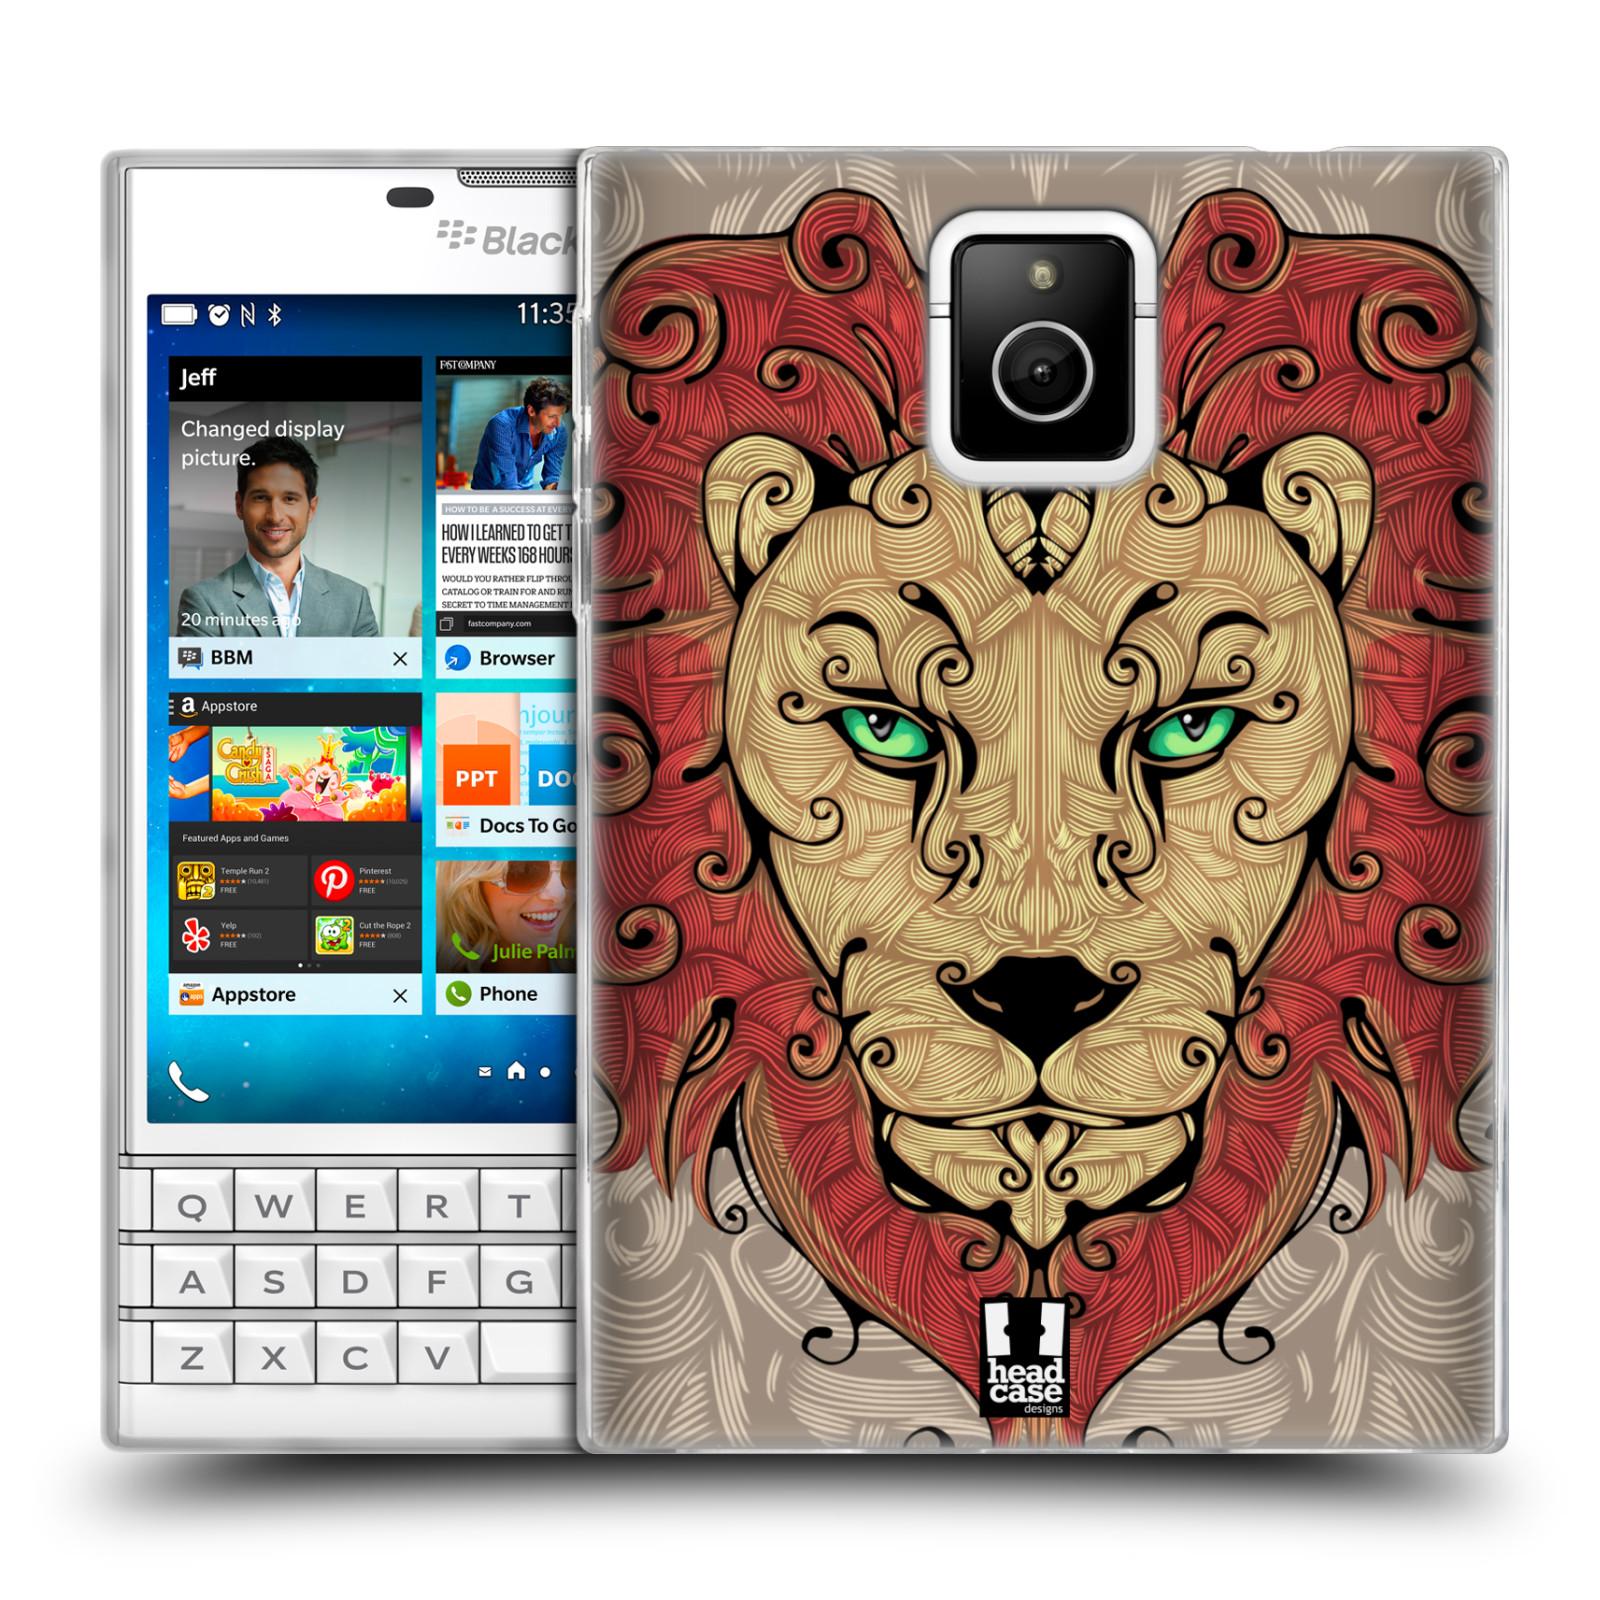 HEAD CASE silikonový obal na mobil Blackberry PASSPORT vzor kudrlinky zvíře lev